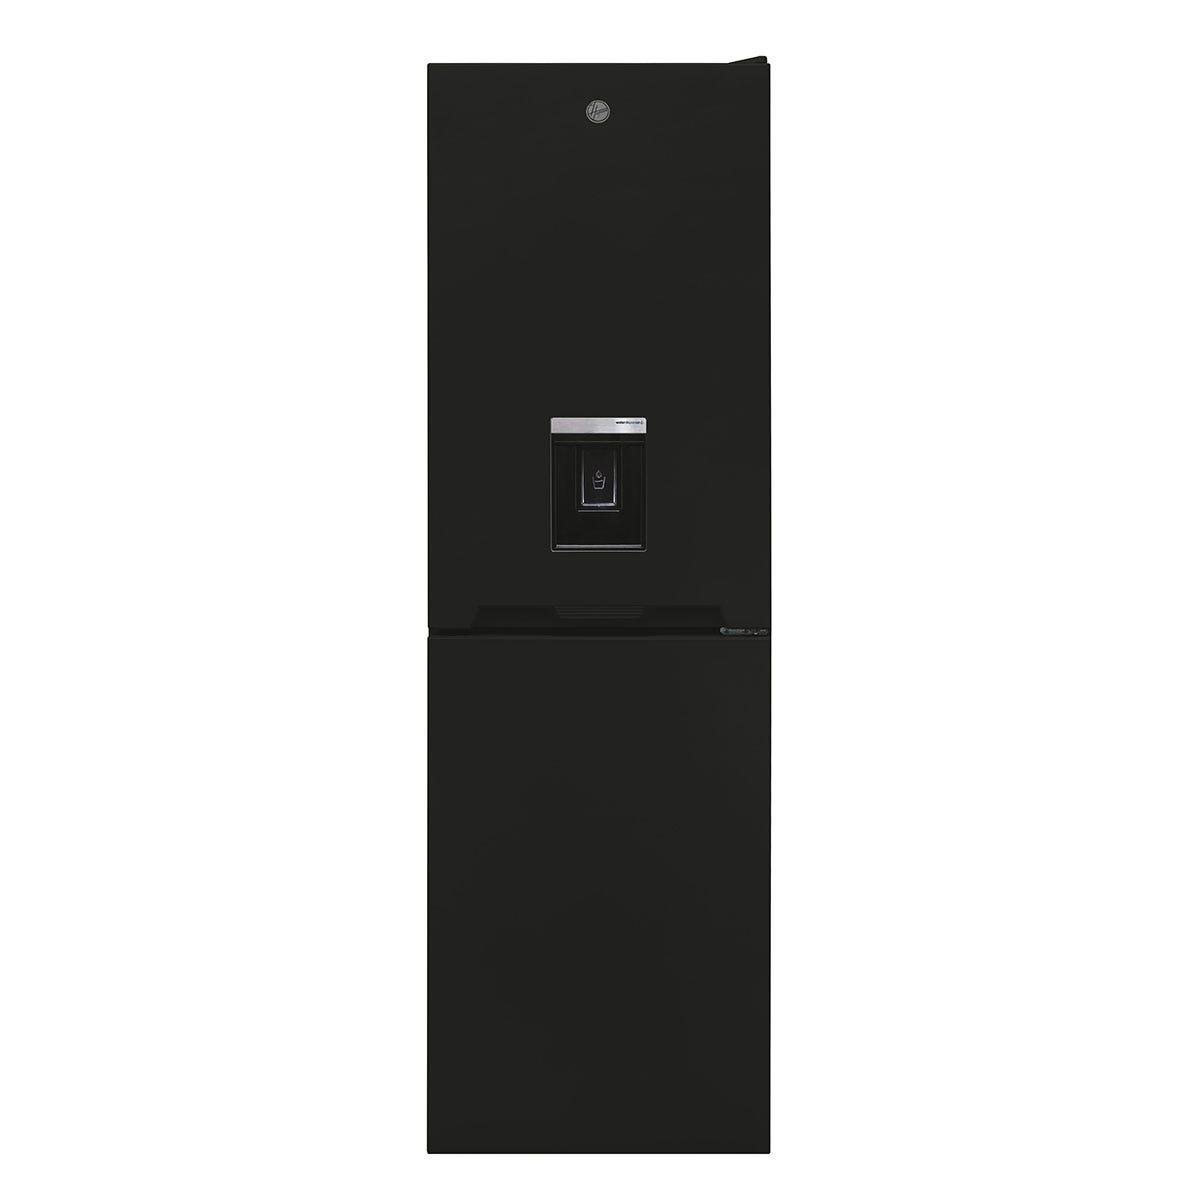 Hoover HOCV1S517FWBK 163L/114L Freestanding Static Fridge Freezer with Water Through The Door - Black